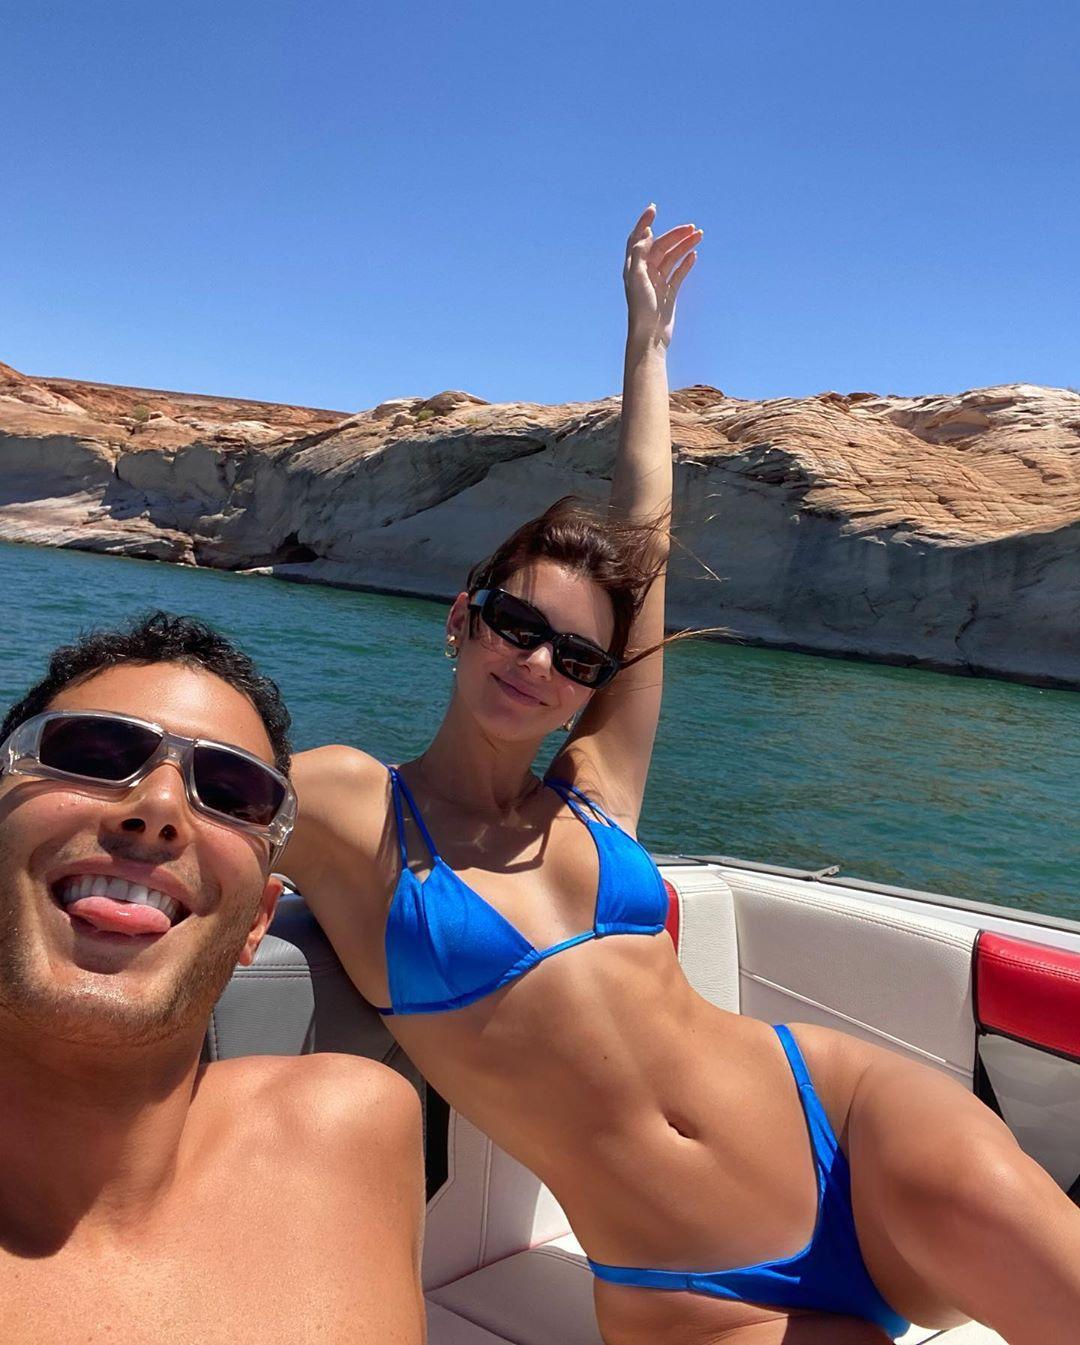 Kendall Jenner wearing Striking blue Sommer Swim bikini bottom